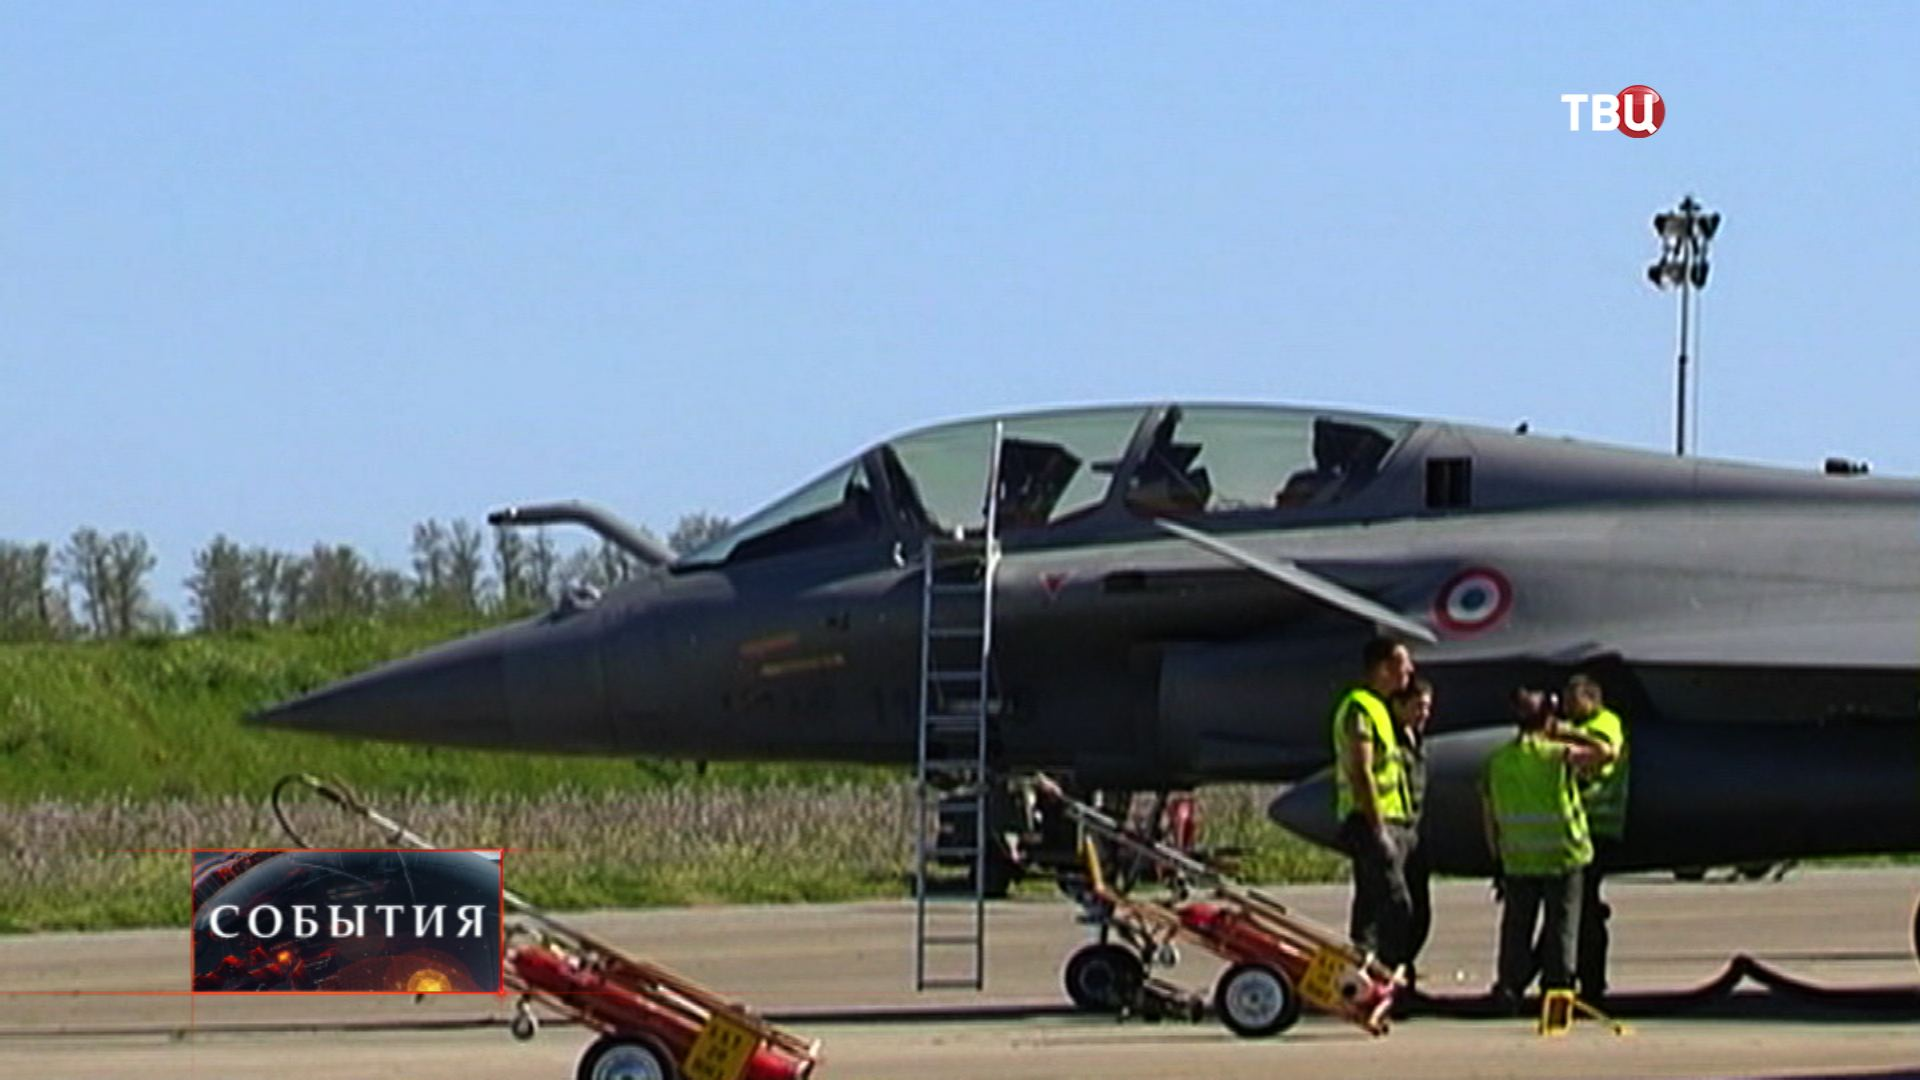 НАТО проводит военные учения около границы с Россией